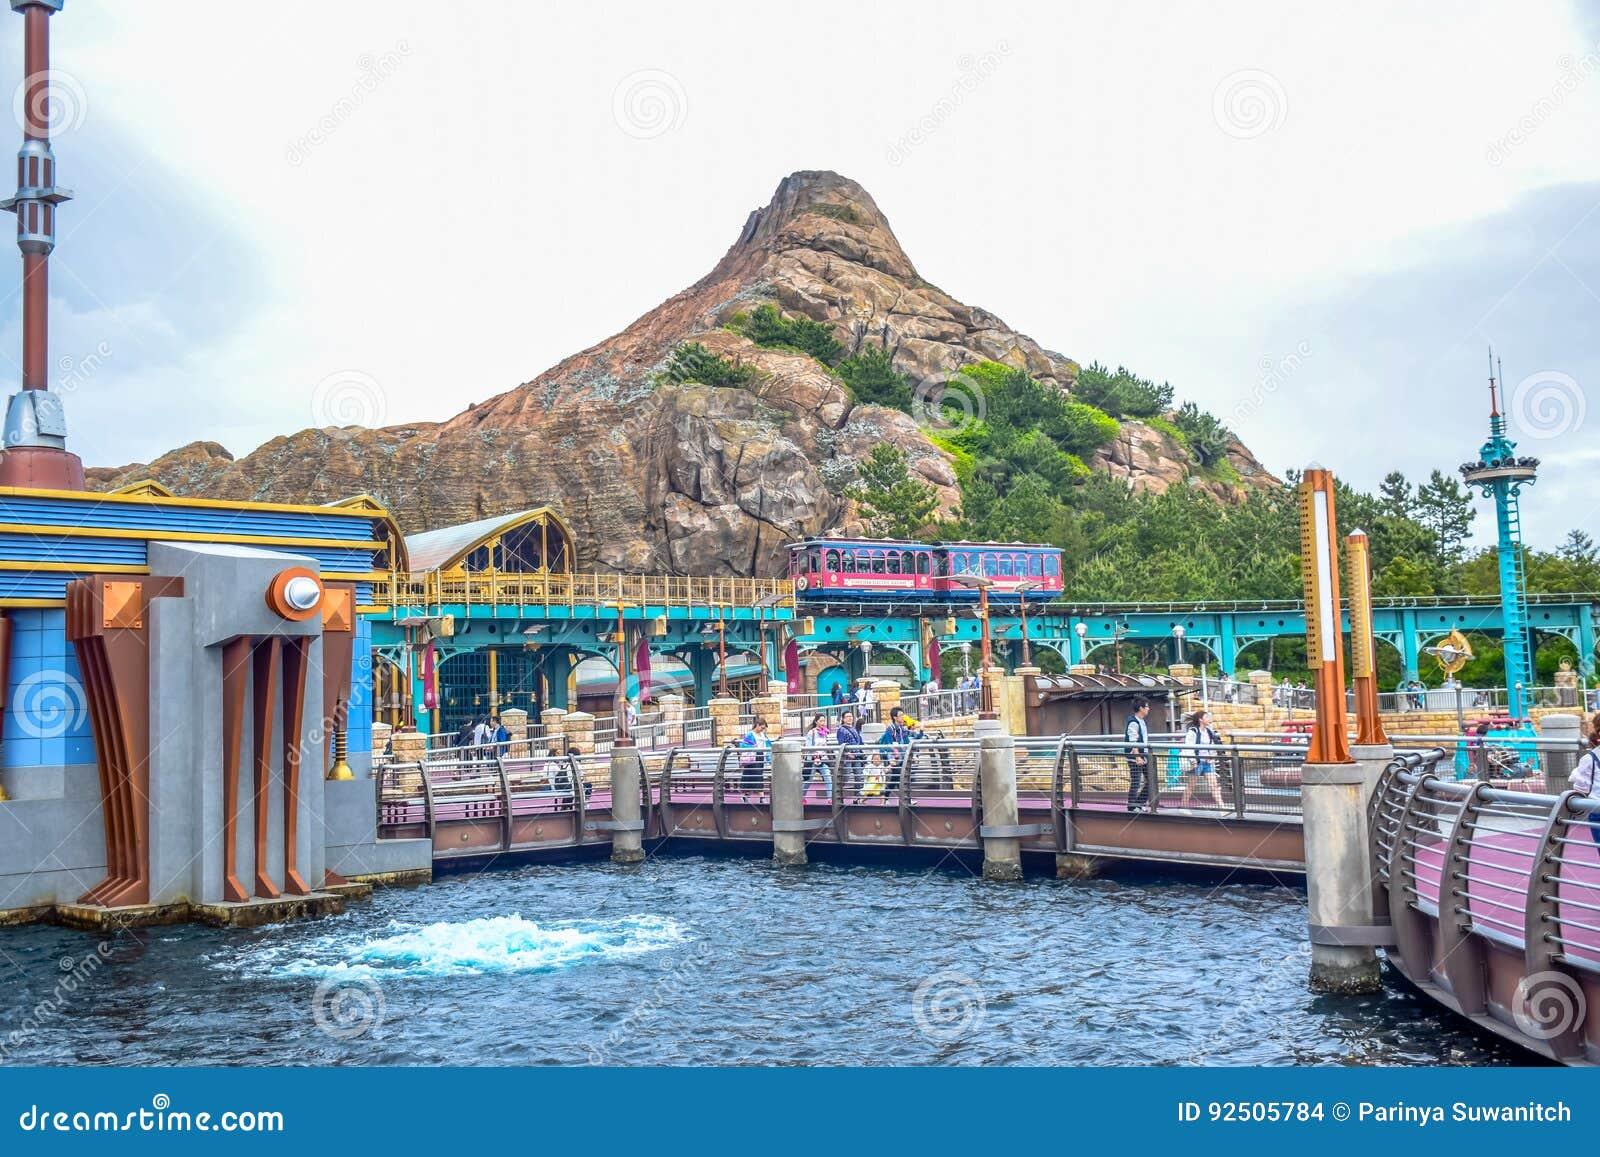 CHIBA, JAPAN - MAG, 2016: Het gebied van de havenontdekking in Tokyo Disneysea in Urayasu, Chiba, Japan wordt gevestigd dat